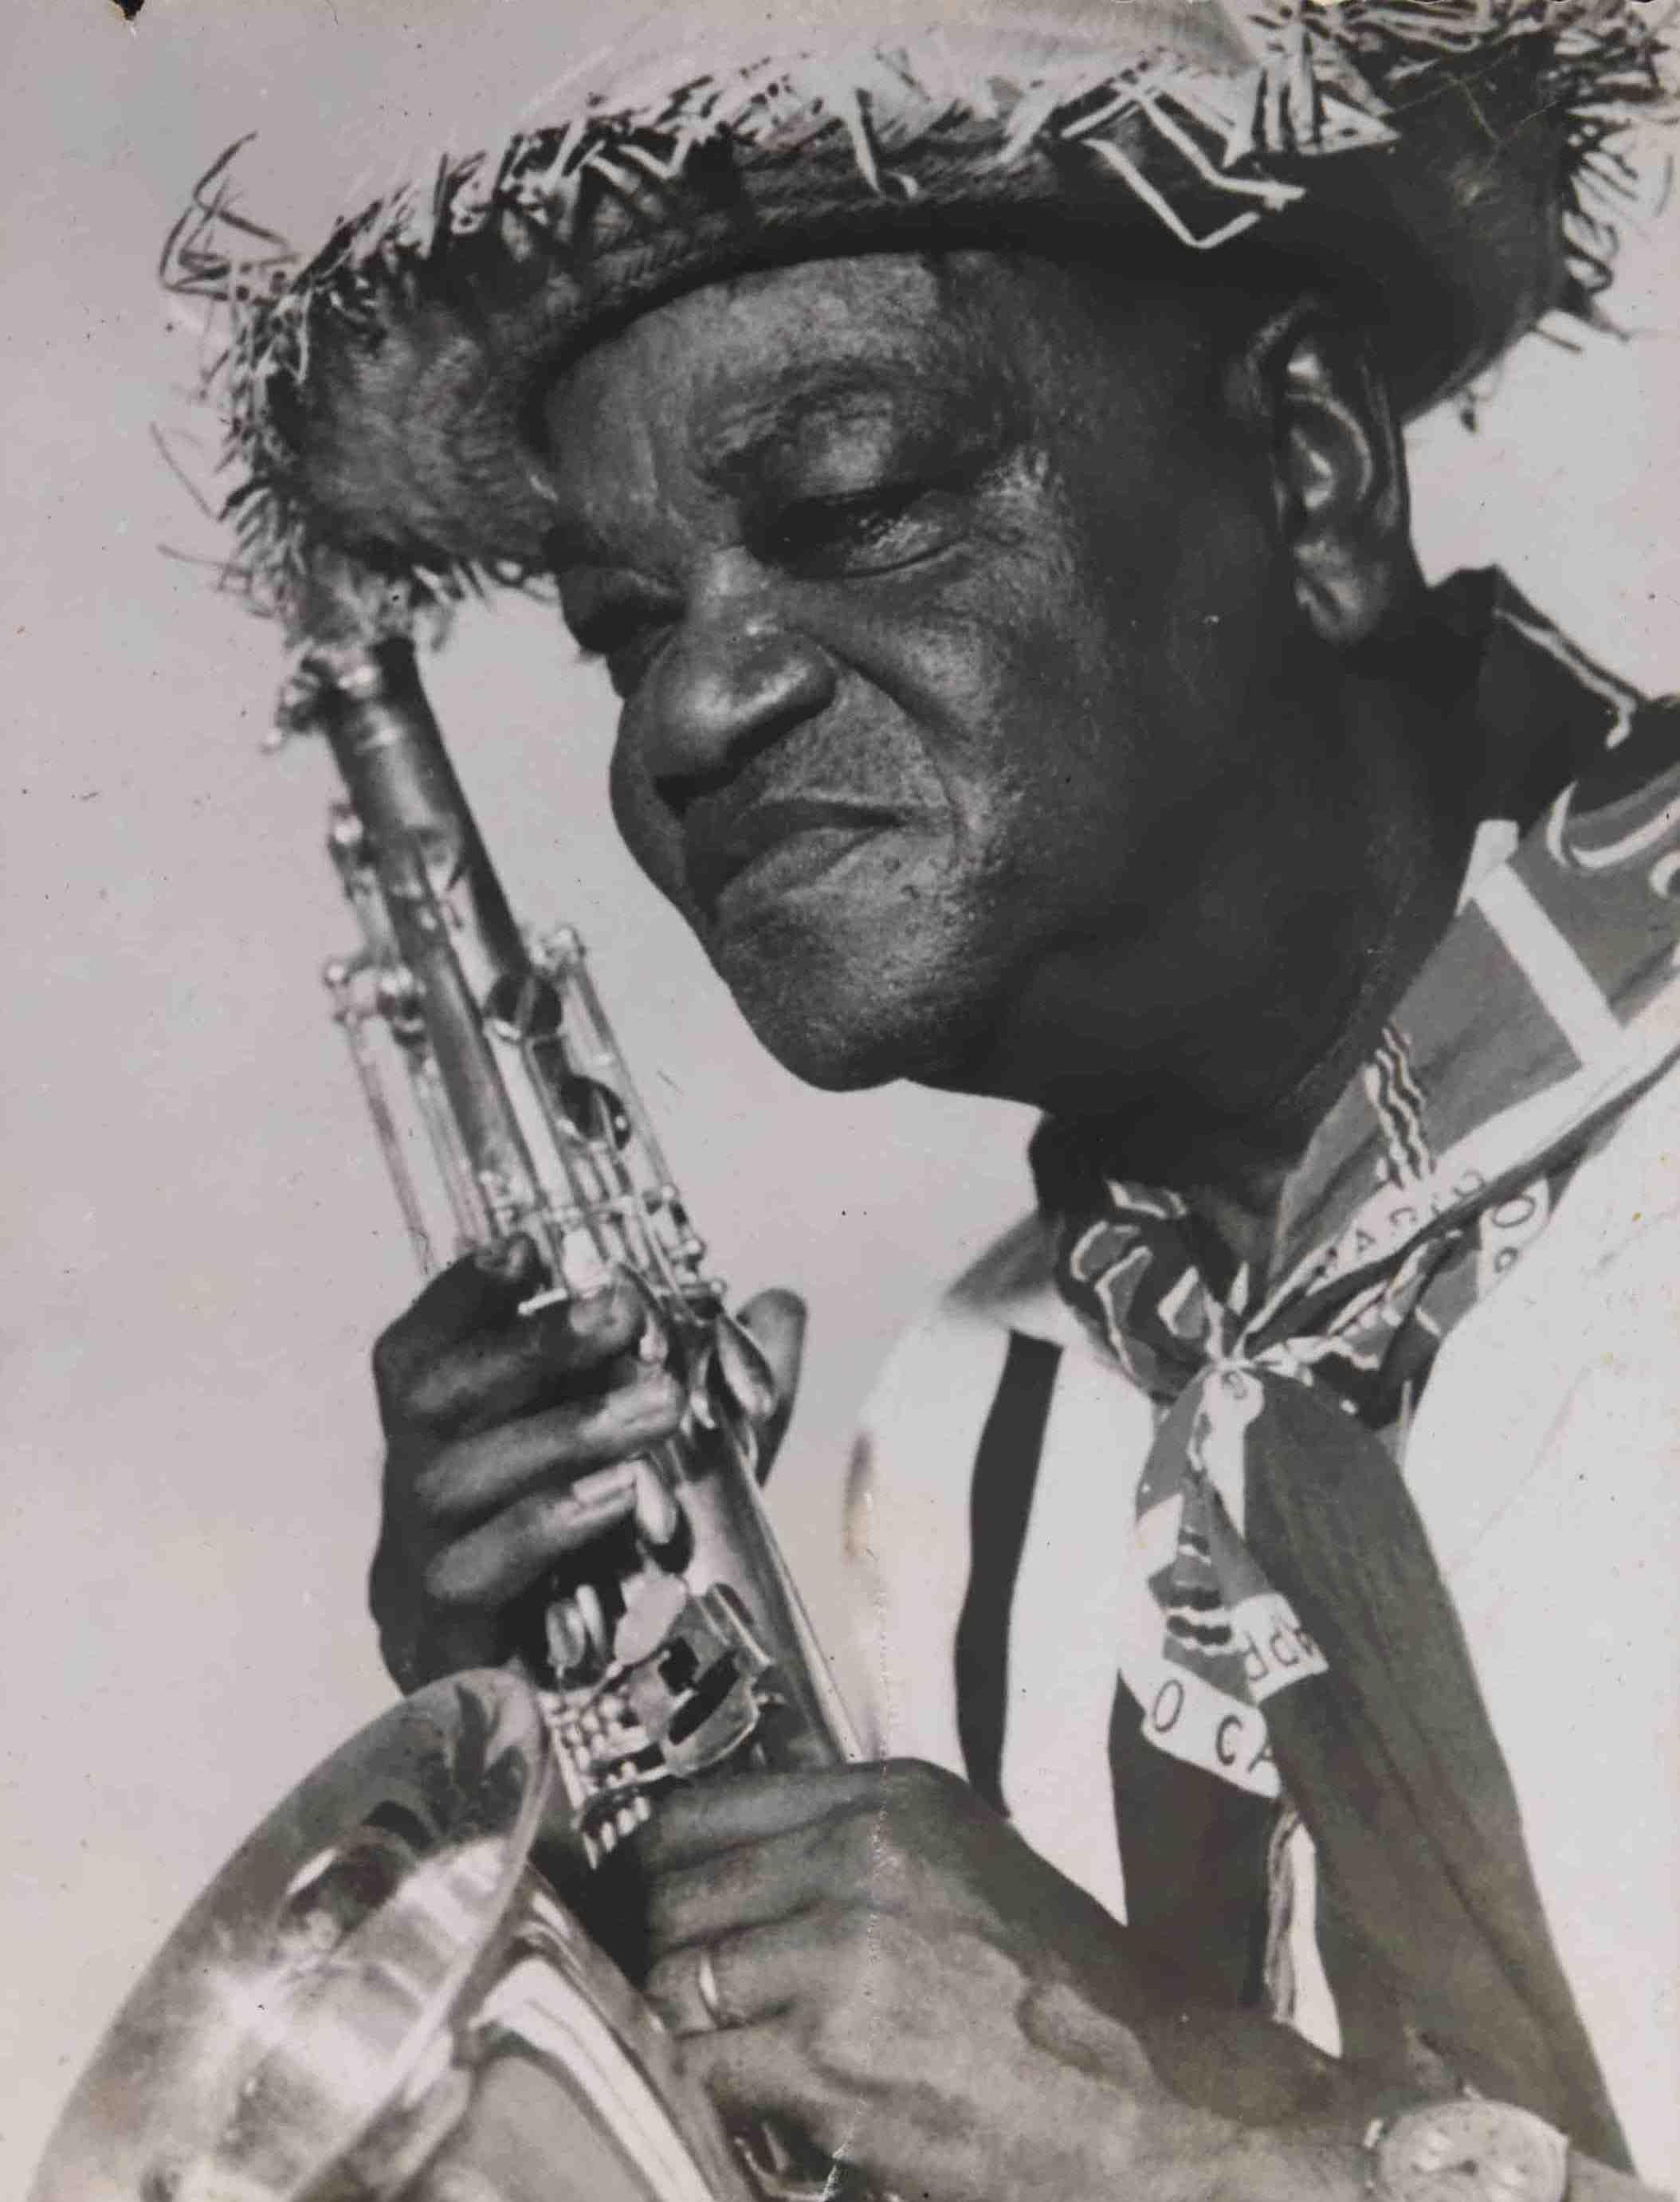 Pixinguinha, com seu saxofone, vestido de caipira (com chapéu de palha e lenço no pescoço) para sessão de fotos feita para a capa do LP Pixinguinha e sua banda (RCA Victor, 1957), com repertório formado apenas por músicas juninas (MIS_JBandolim_238 / Acervo Jacob do Bandolim / MIS-RJ)